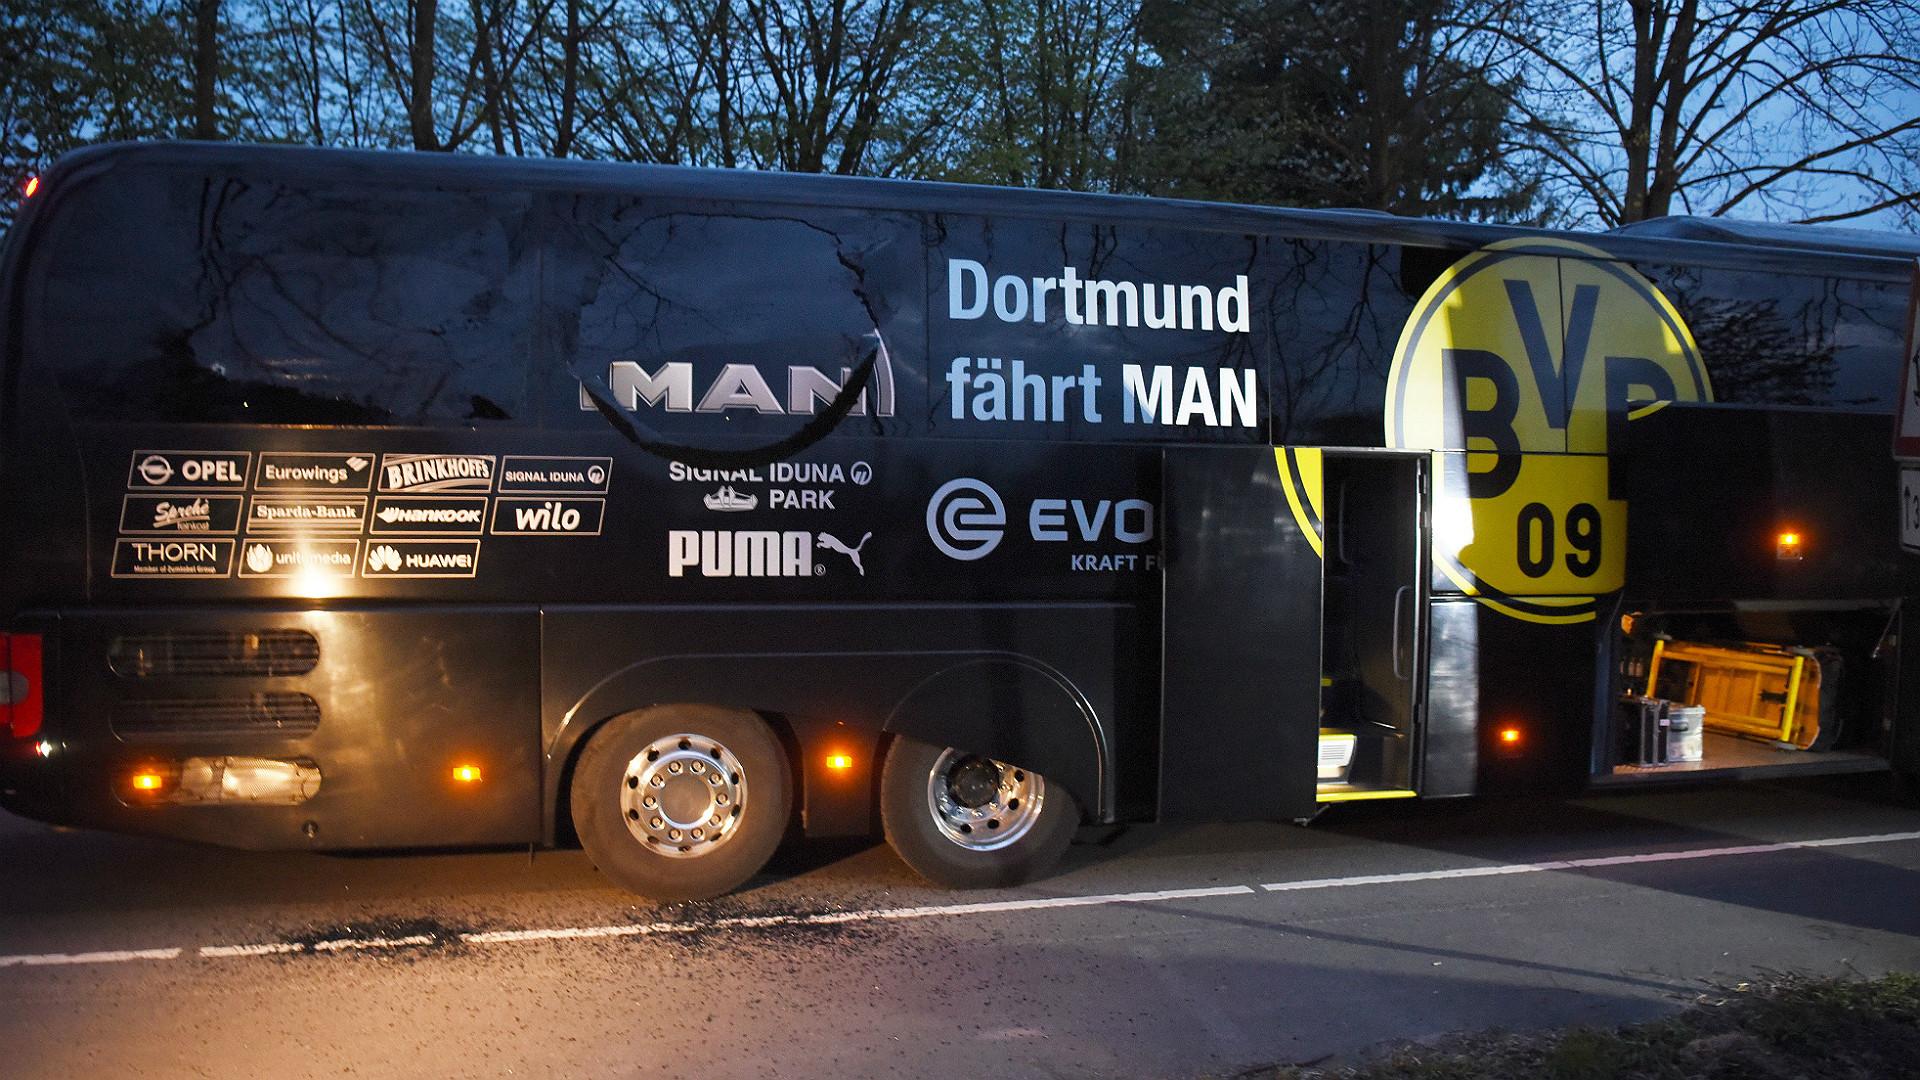 Una carta sugiere un nexo yihadista en el ataque al Borussia Dortmund